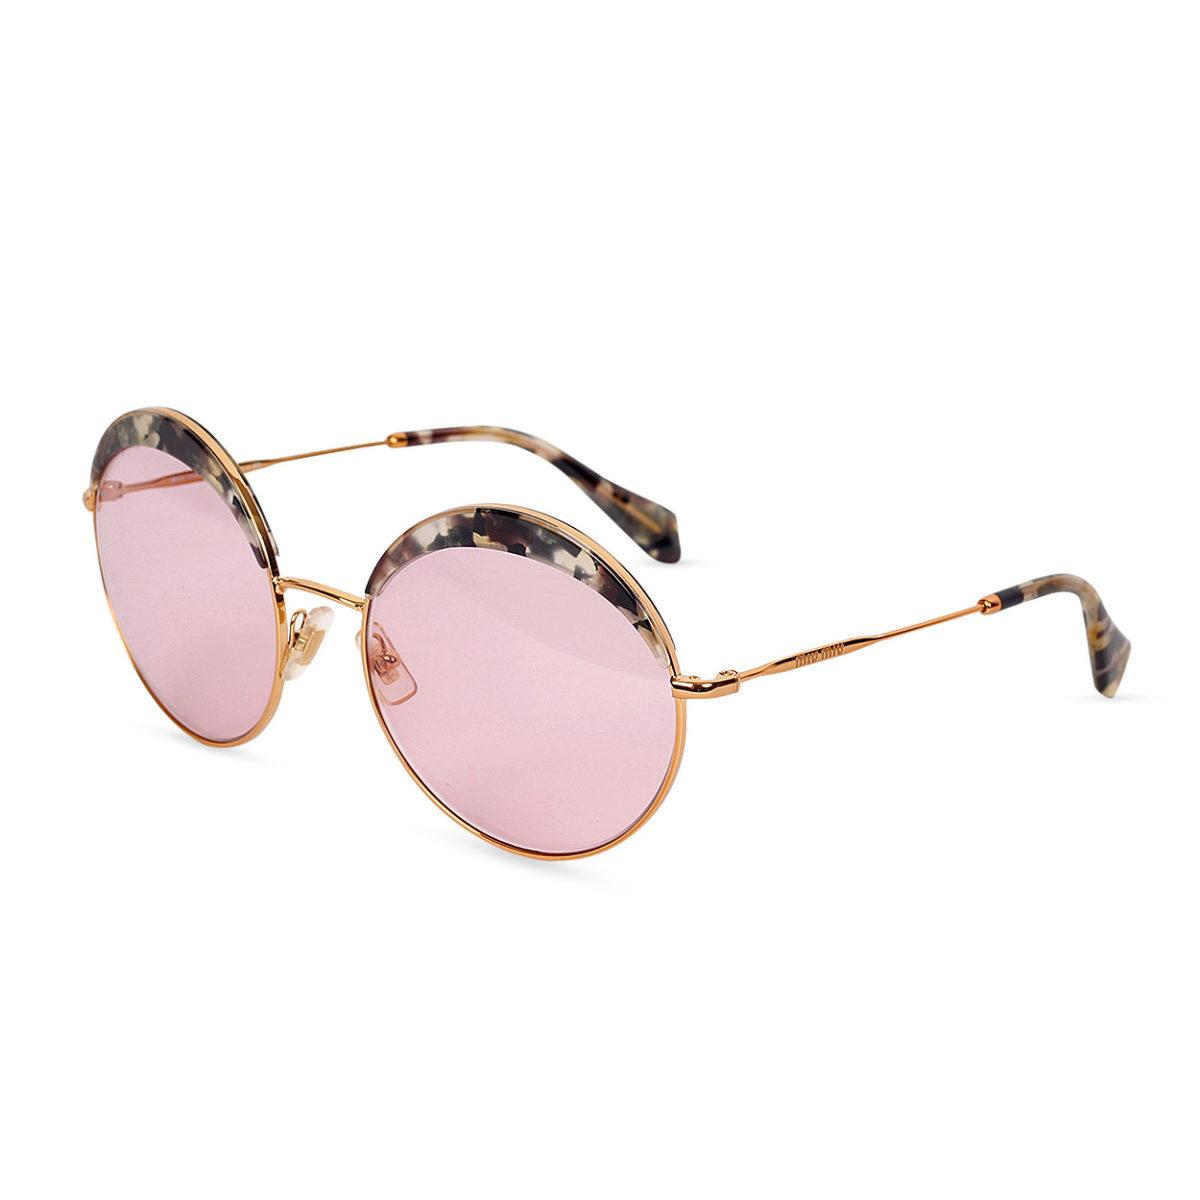 0fcd6203831 MIU MIU Sunglasses SMU 51Q Pink Tint